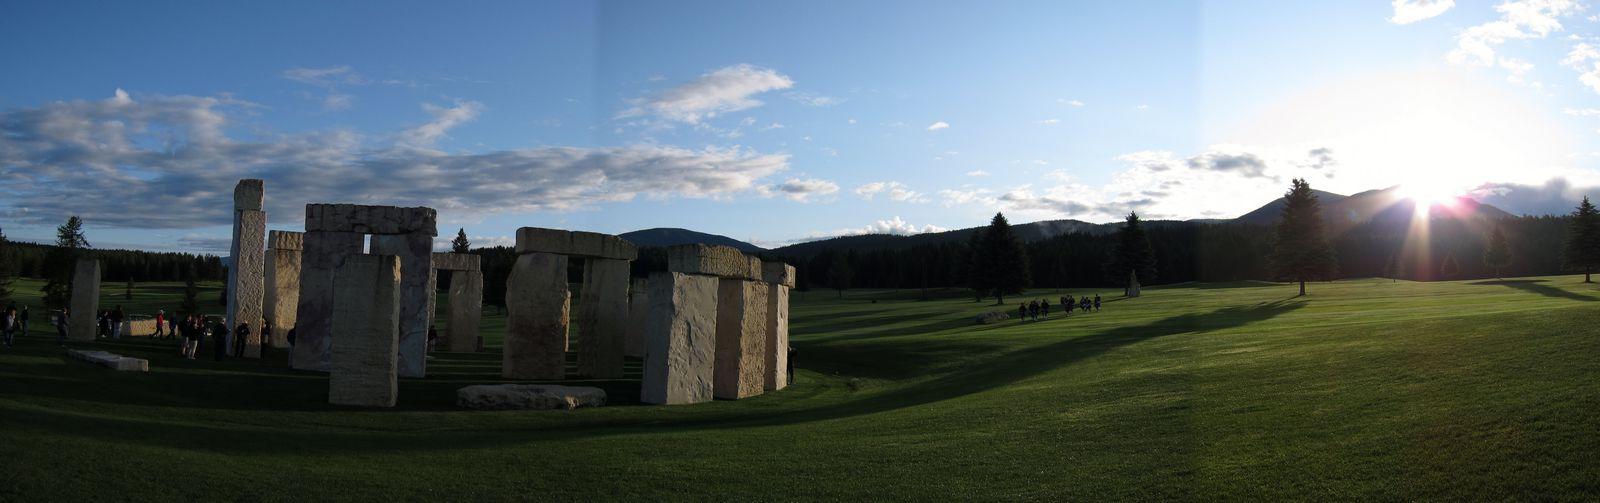 stonehenge-2011